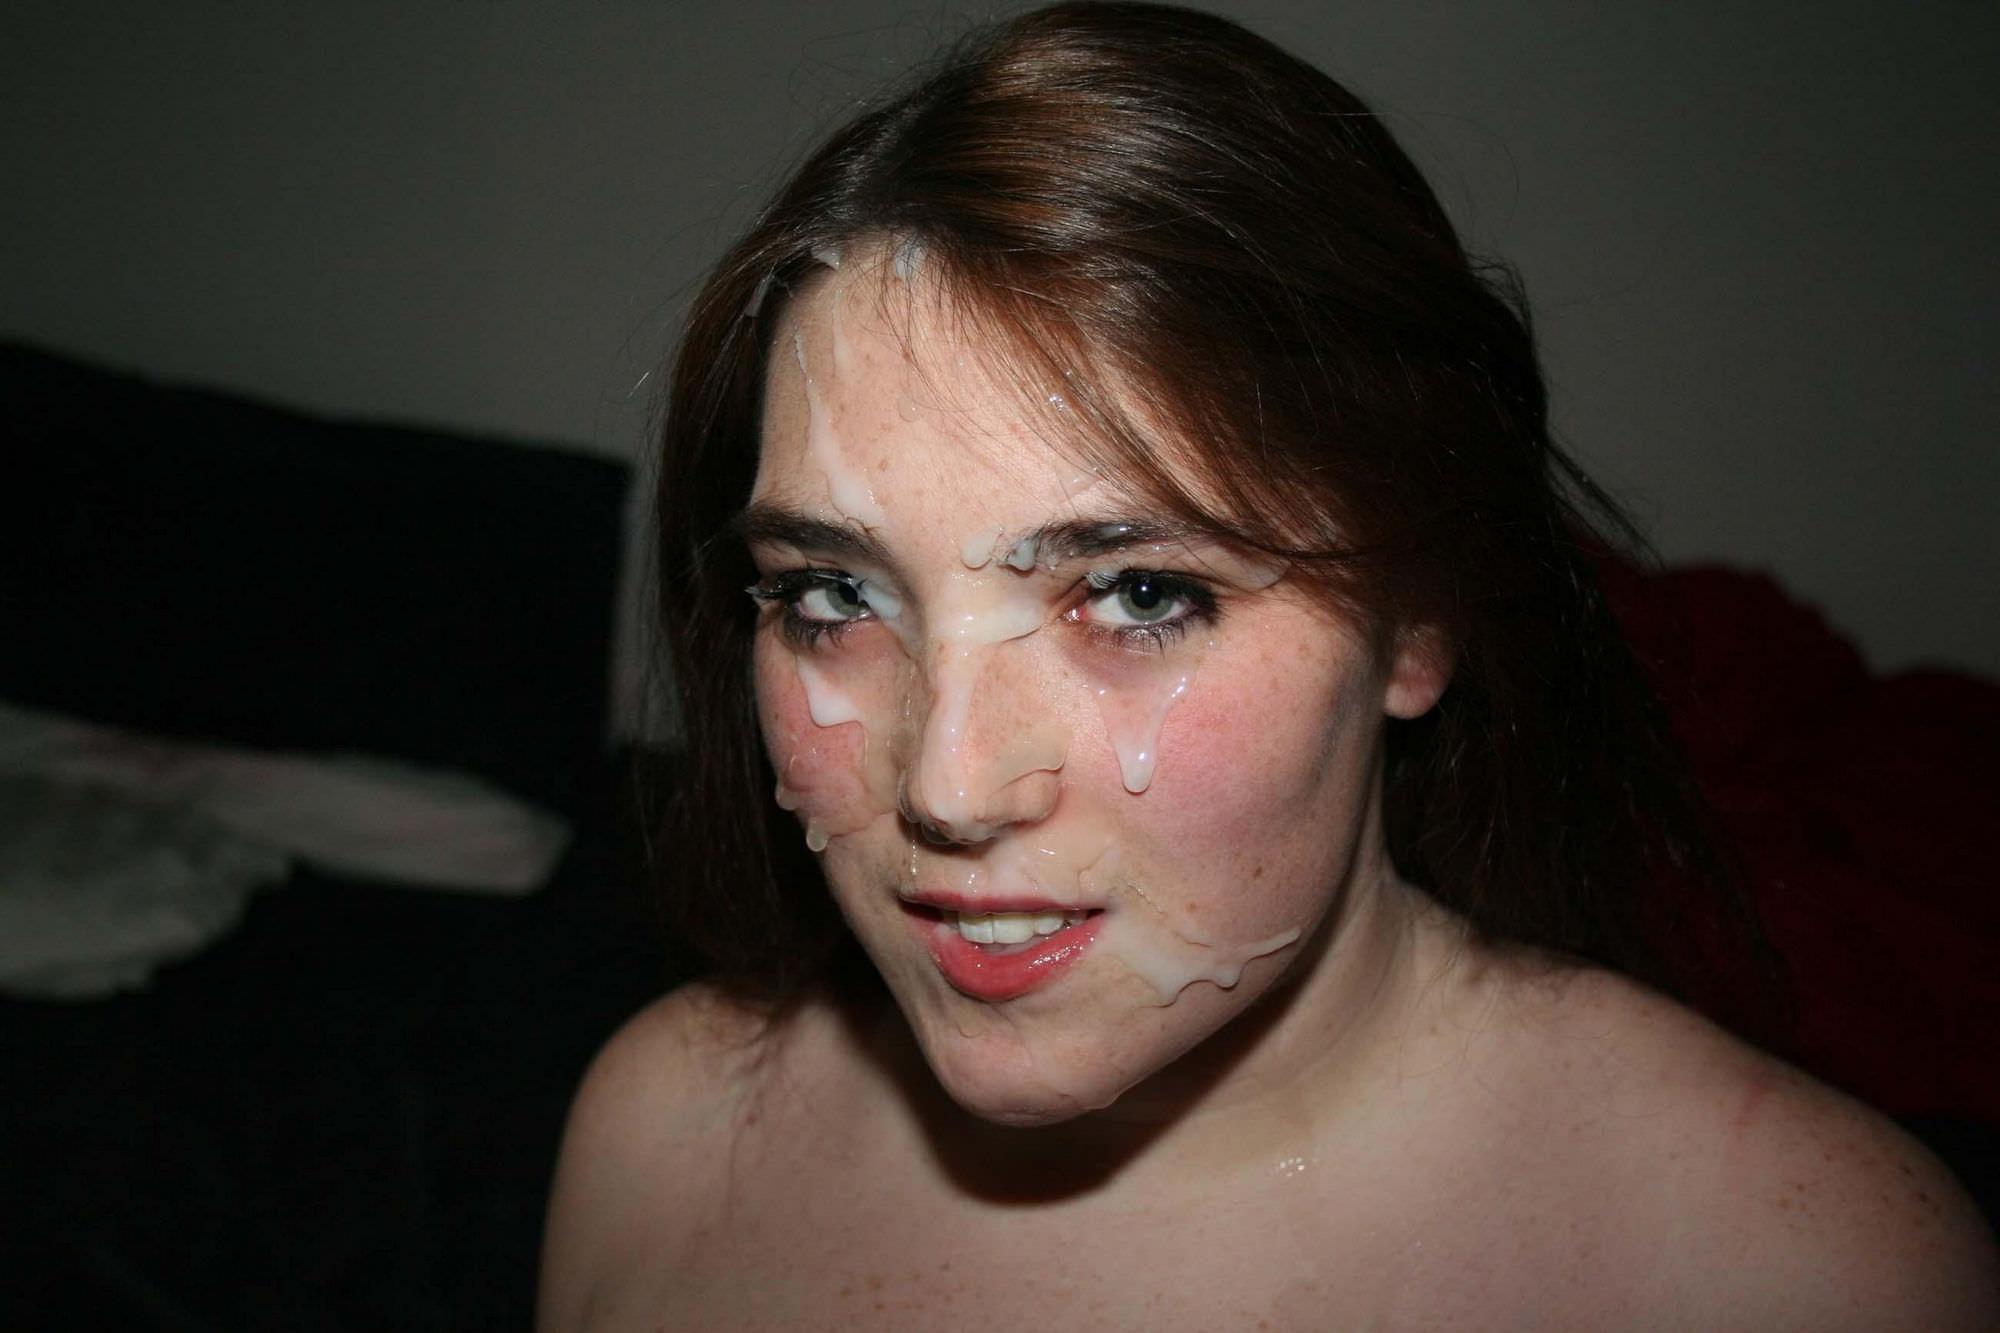 セクシーな美女が顔射を受け止める!